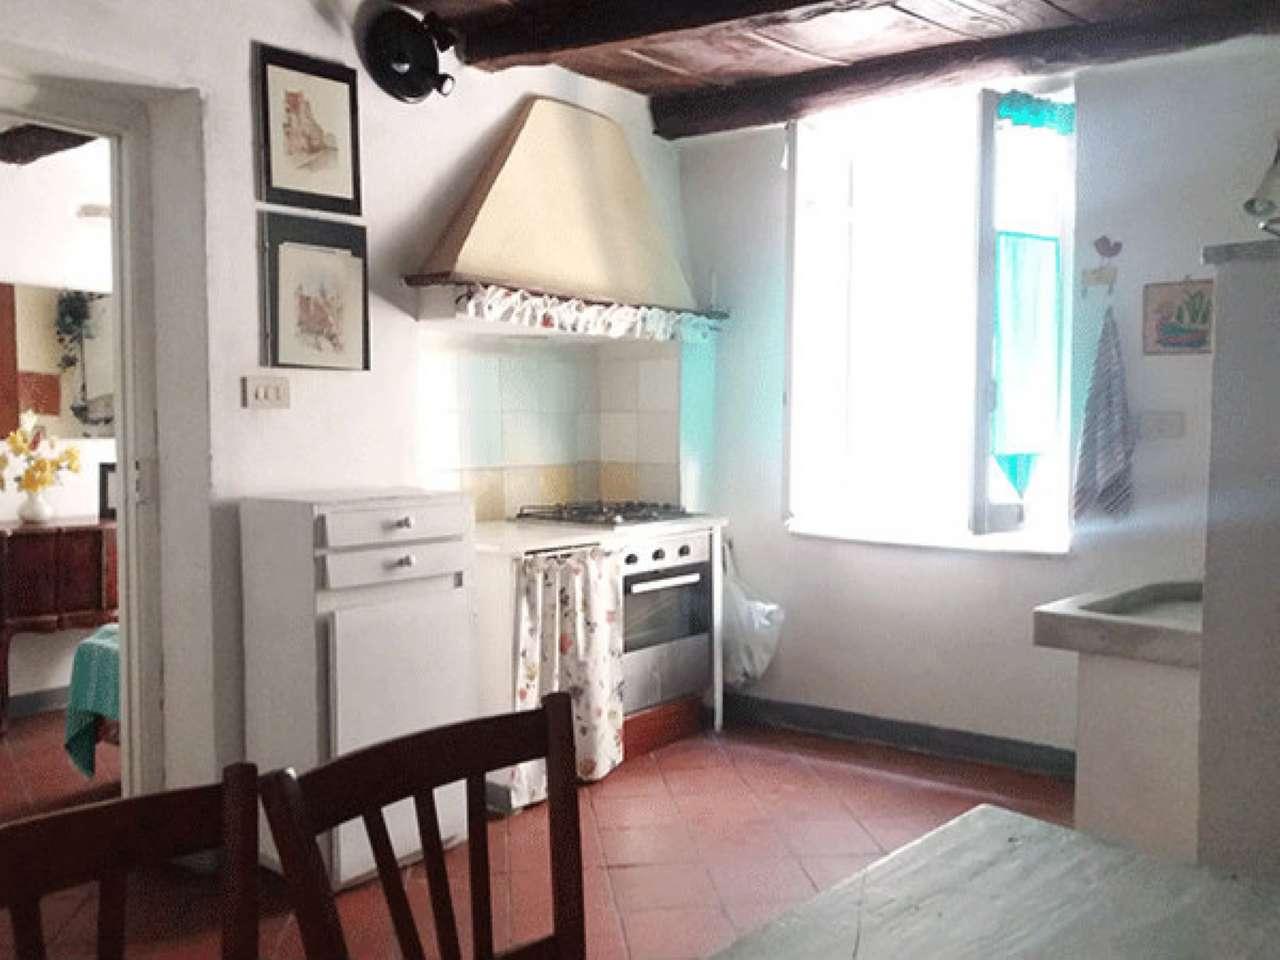 Palazzo / Stabile in vendita a Ovada, 5 locali, prezzo € 85.000 | CambioCasa.it